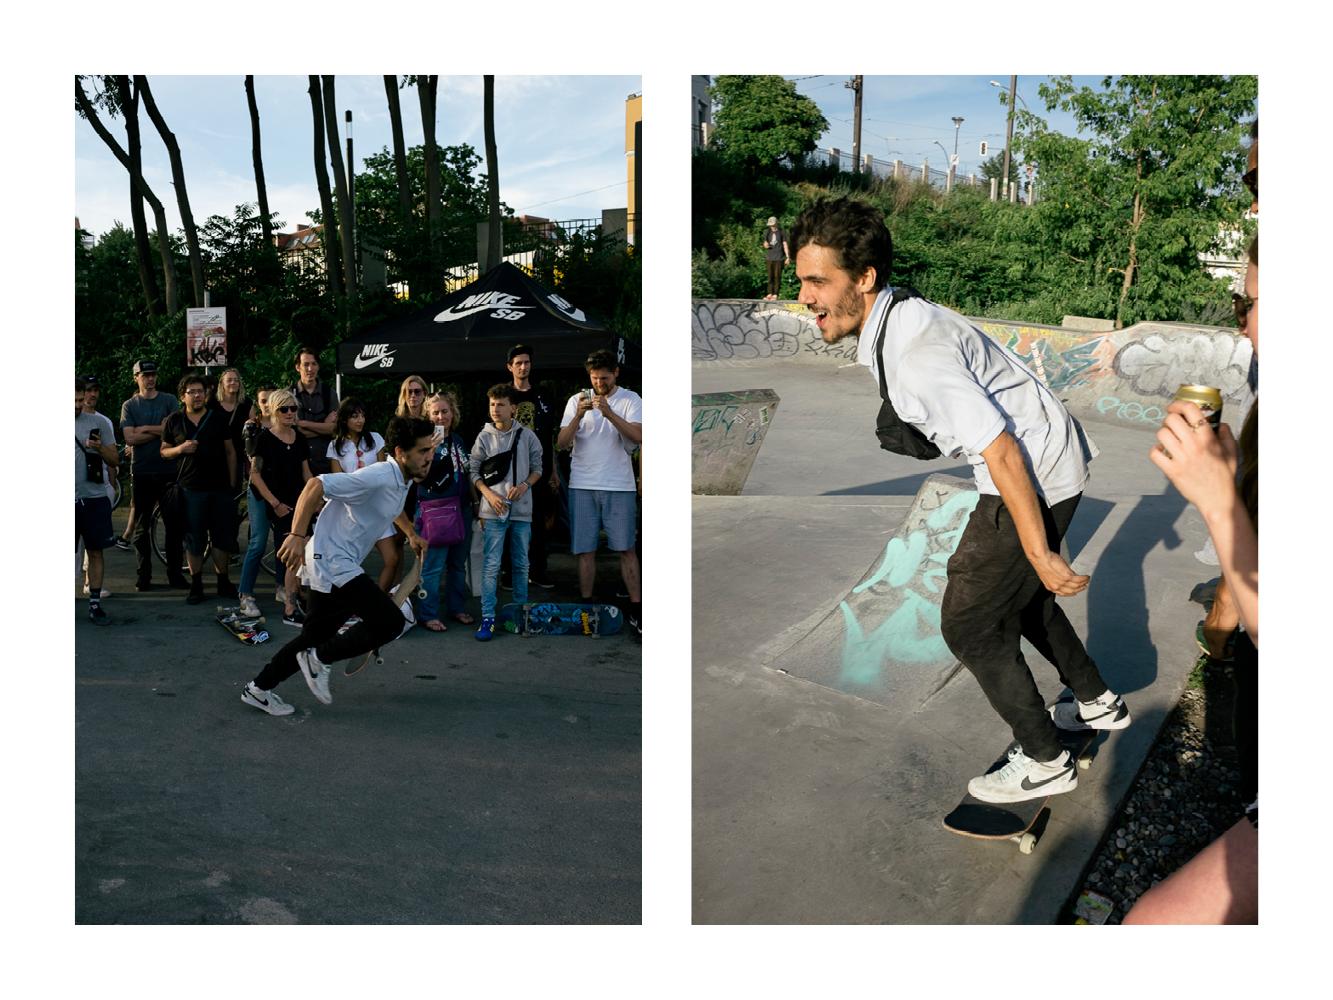 BILDER_PLACE_Nike_goskateboardingday_2017_auswahl21